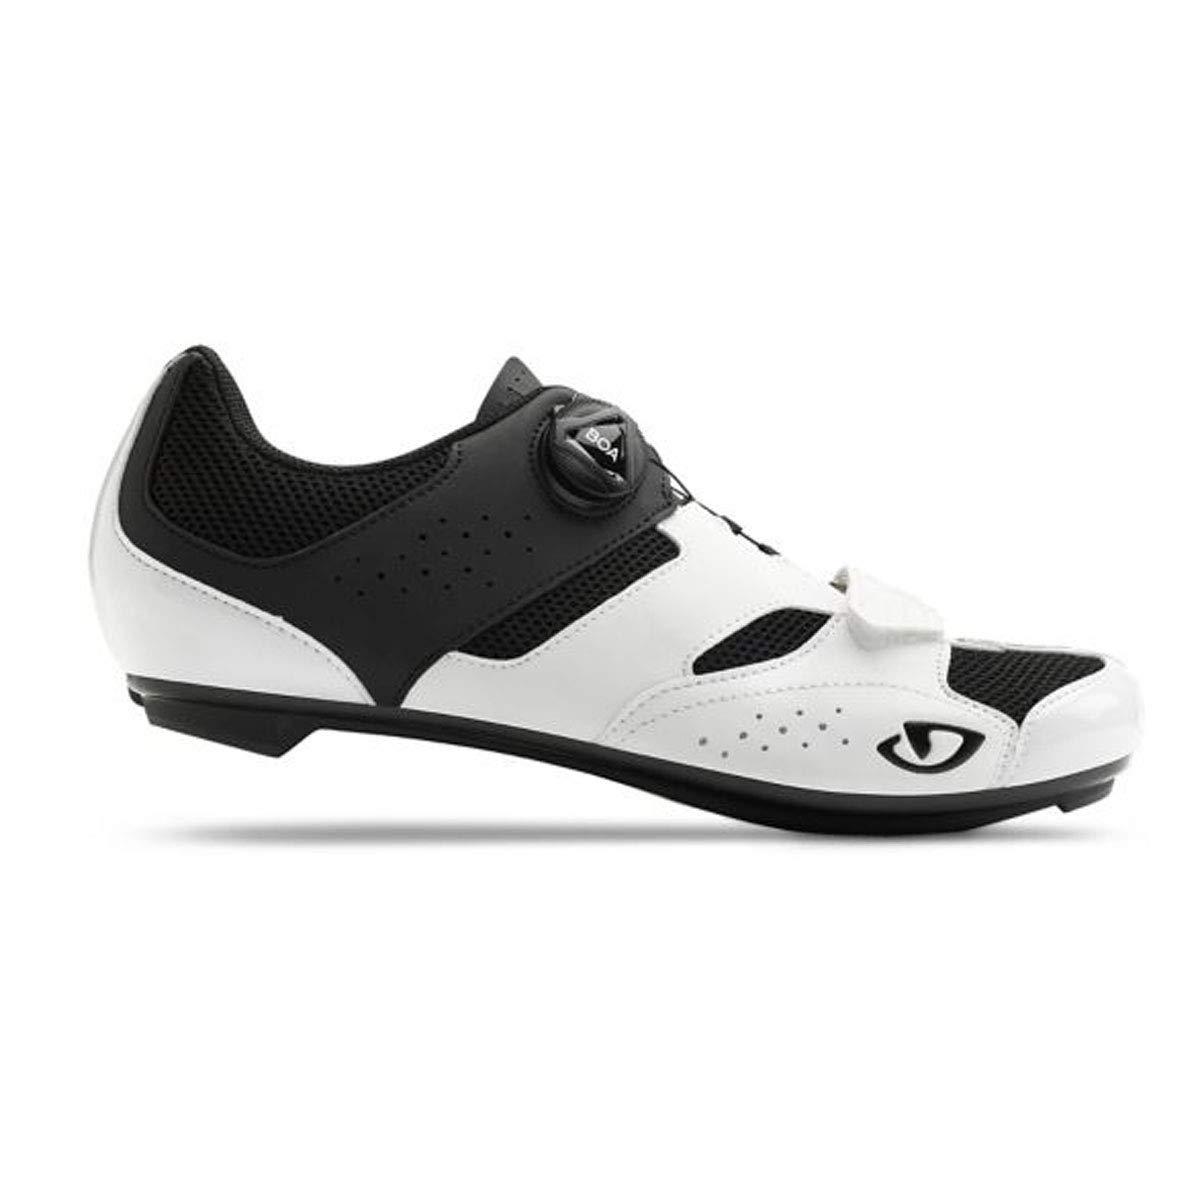 Giro Savix Rennrad Fahrrad Schuhe weiß schwarz 2019  Größe  39